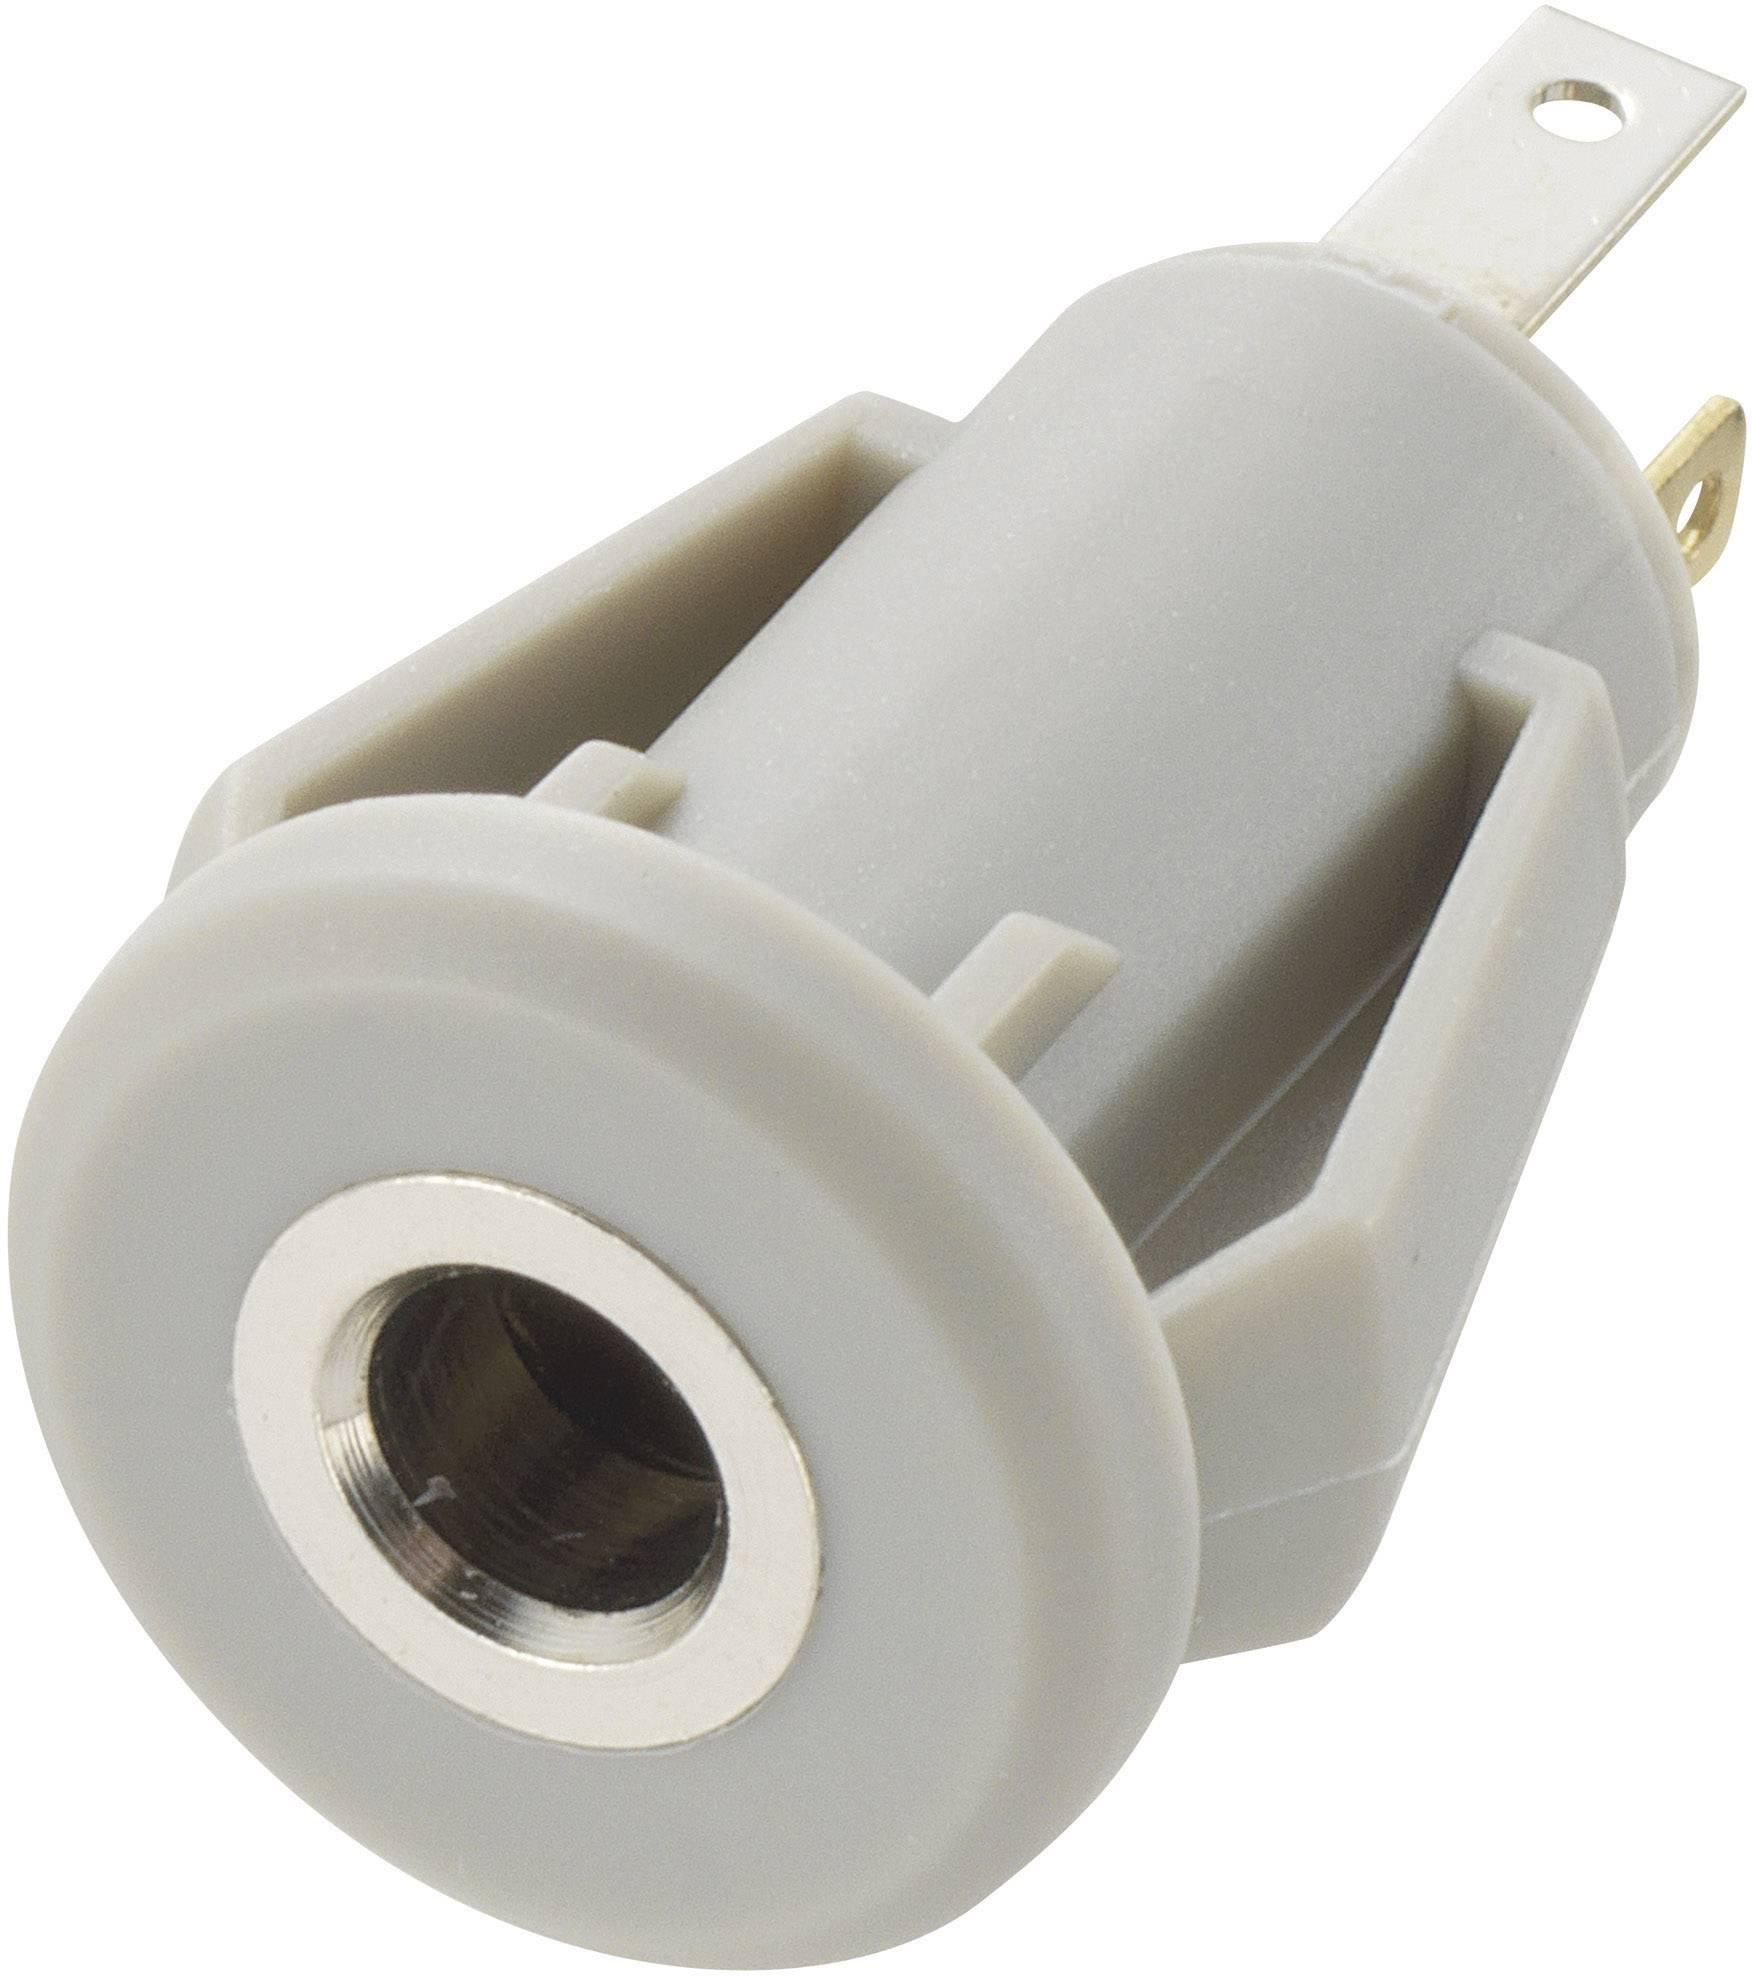 Jack konektor 3.5 mm TRU COMPONENTS 718501 zásuvka, vestavná vertikální stereo, pólů 4, 1 ks